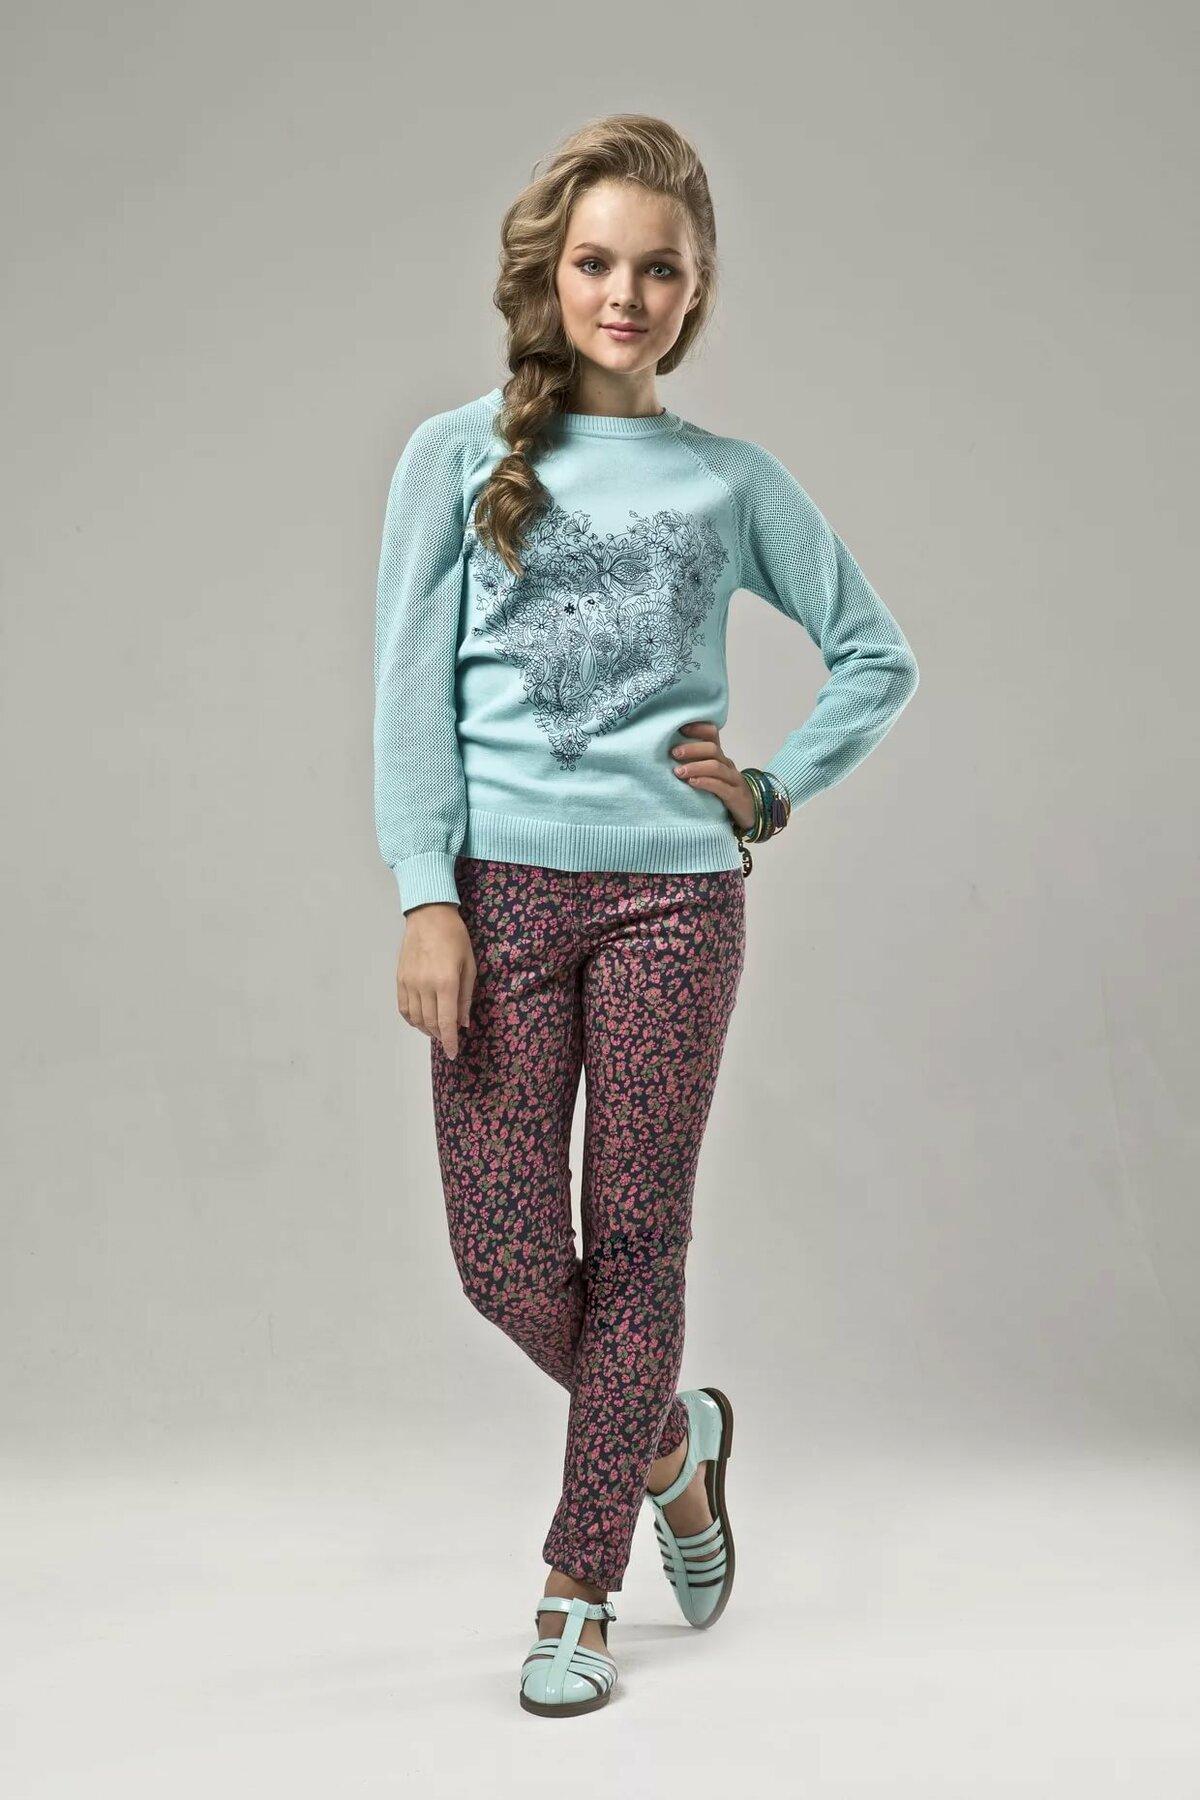 Iris shala teen fashion islamic